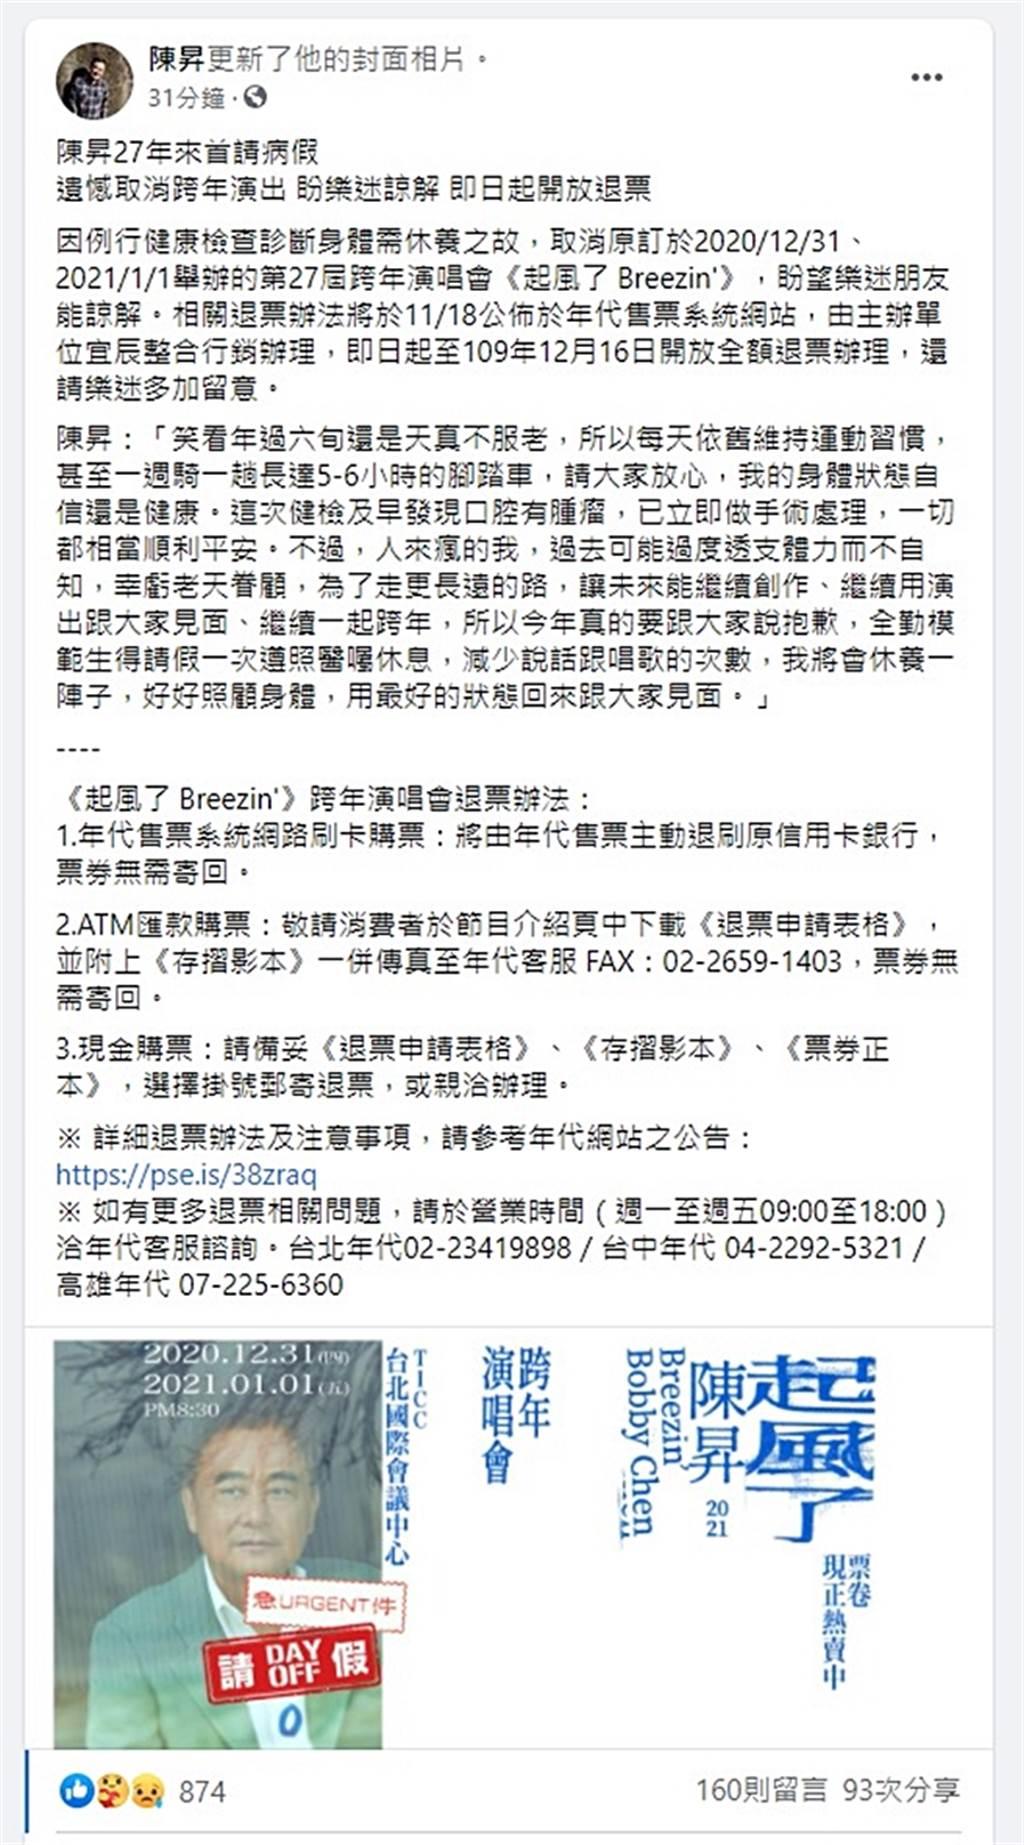 陳昇宣布開放退票。(圖/翻攝自陳昇臉書)